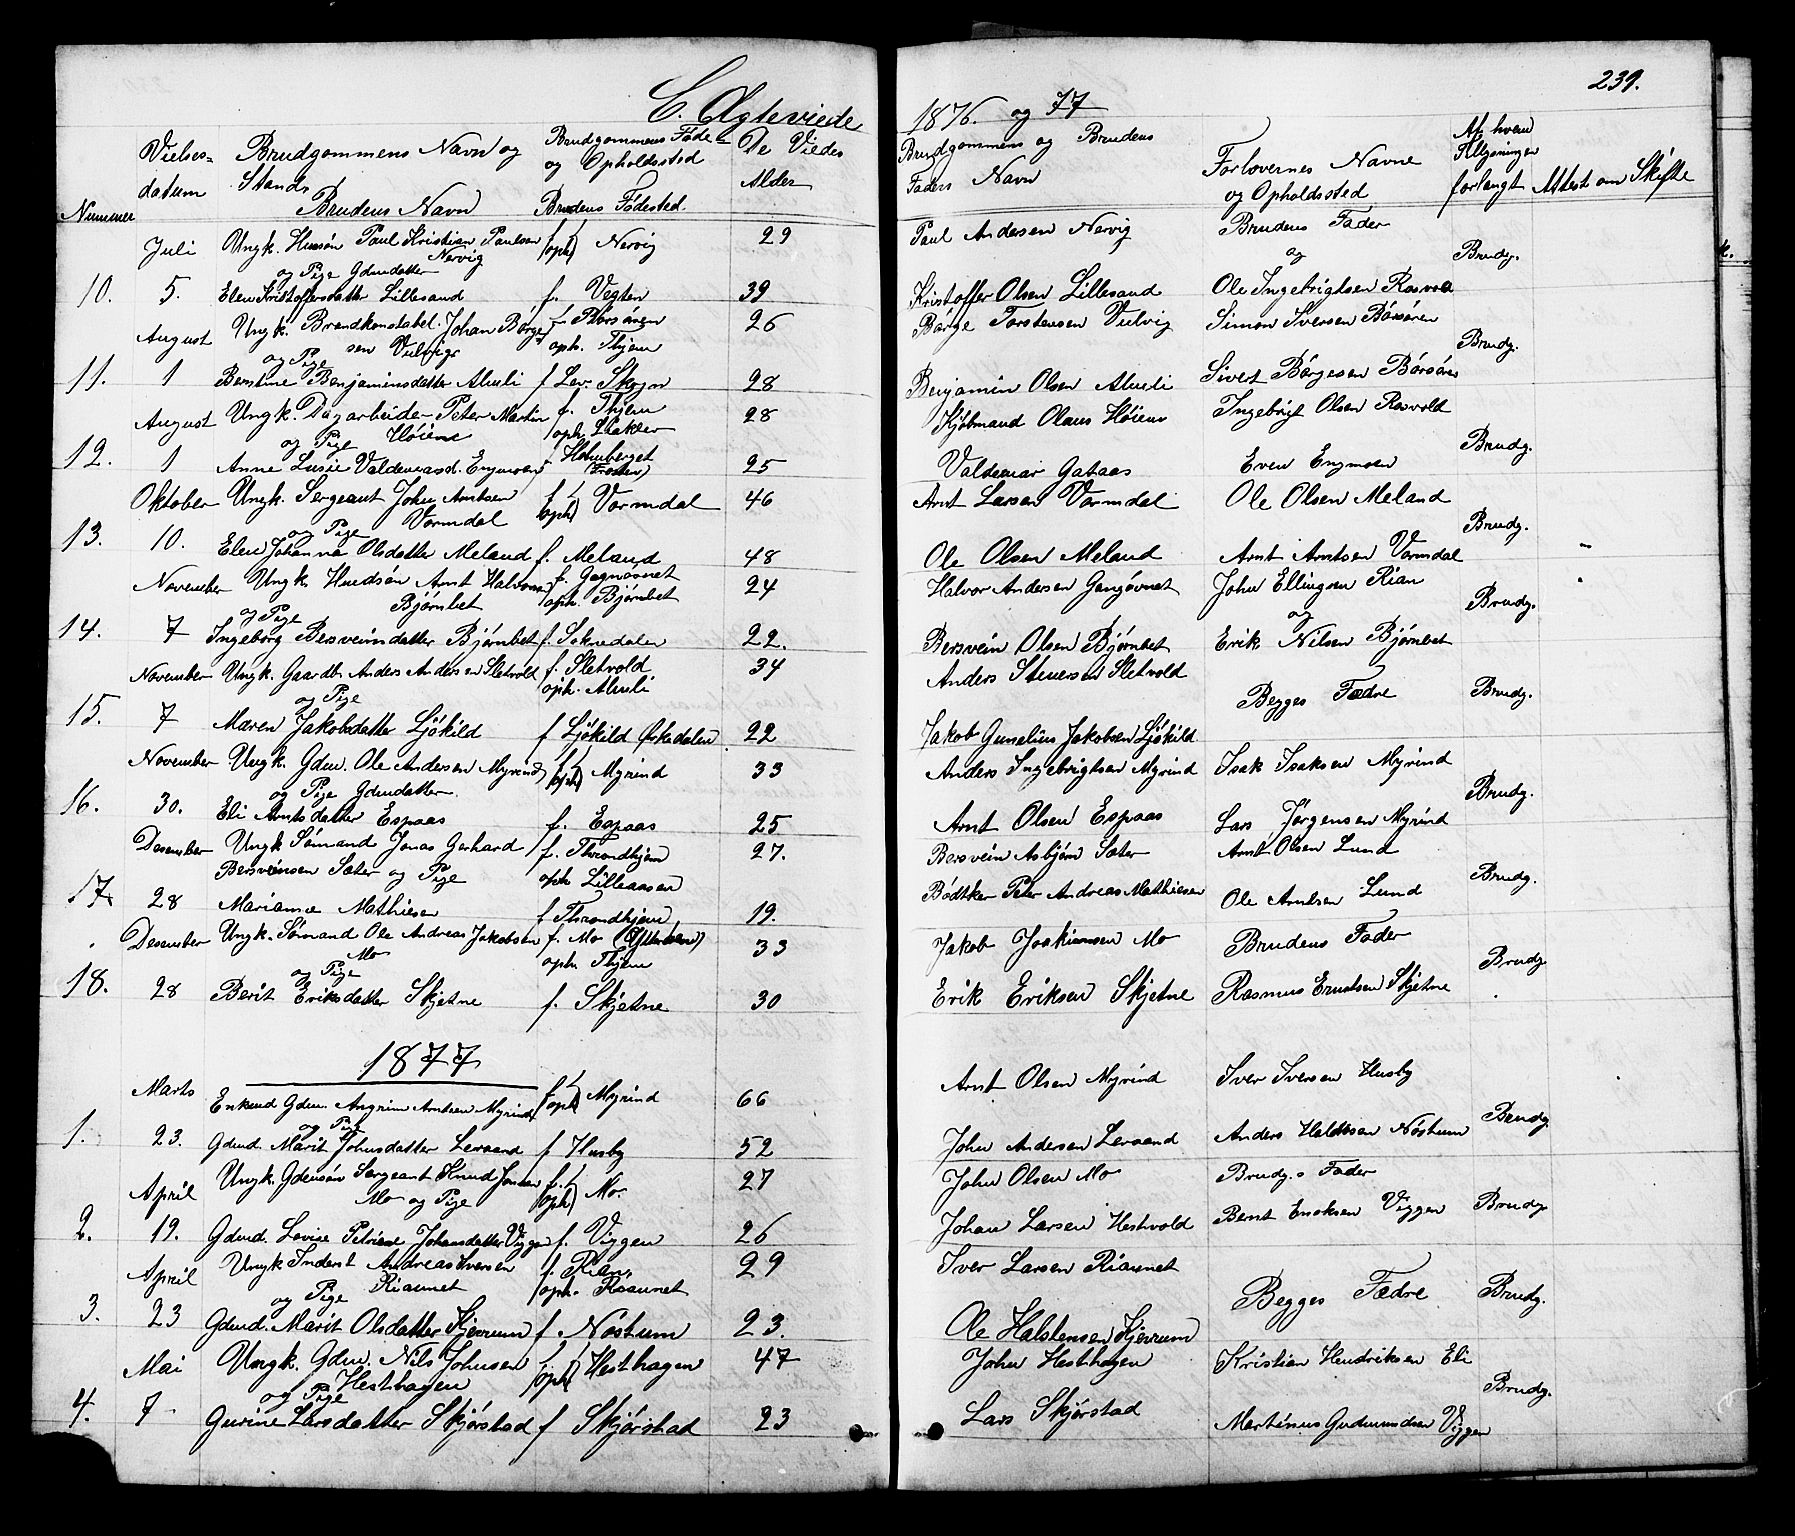 SAT, Ministerialprotokoller, klokkerbøker og fødselsregistre - Sør-Trøndelag, 665/L0777: Klokkerbok nr. 665C02, 1867-1915, s. 231